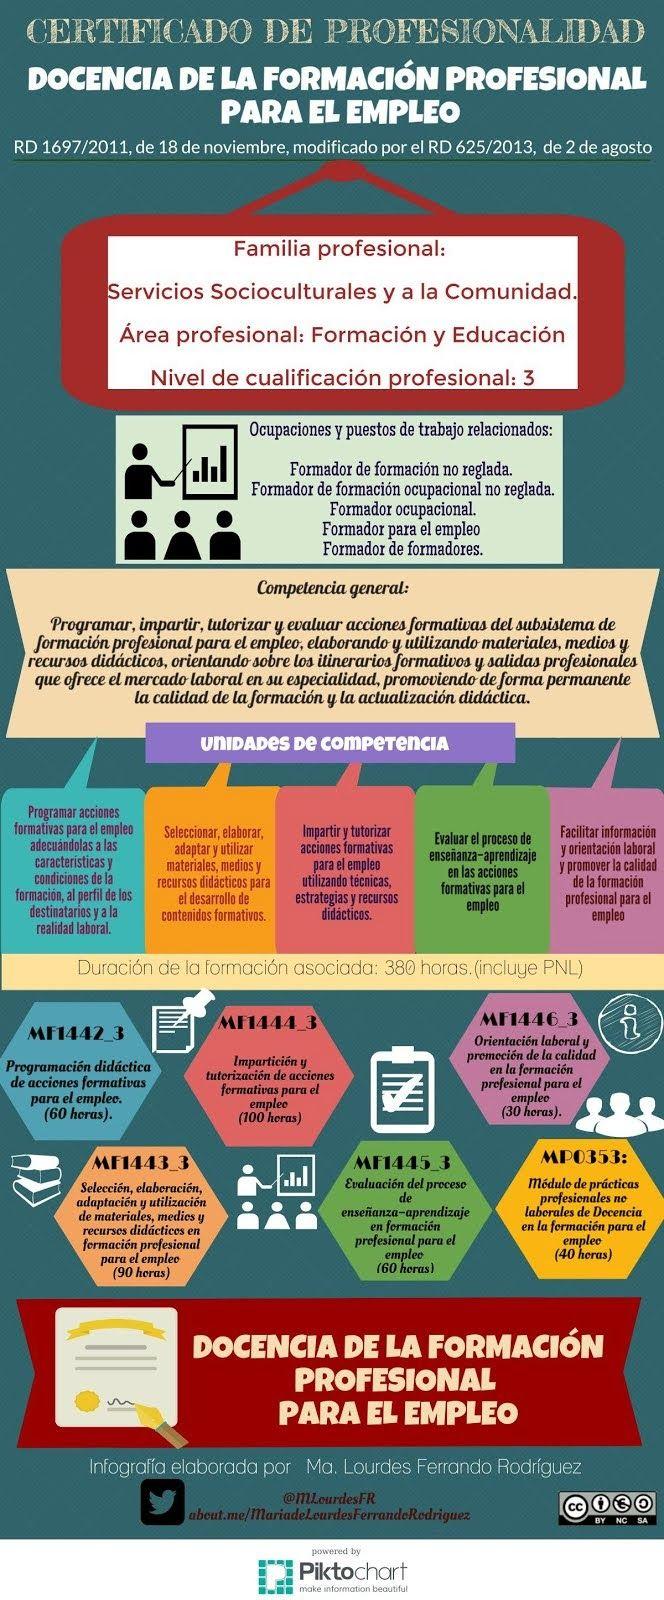 Certificado de Docencia de la Formación Profesional para el empleo.#infografía